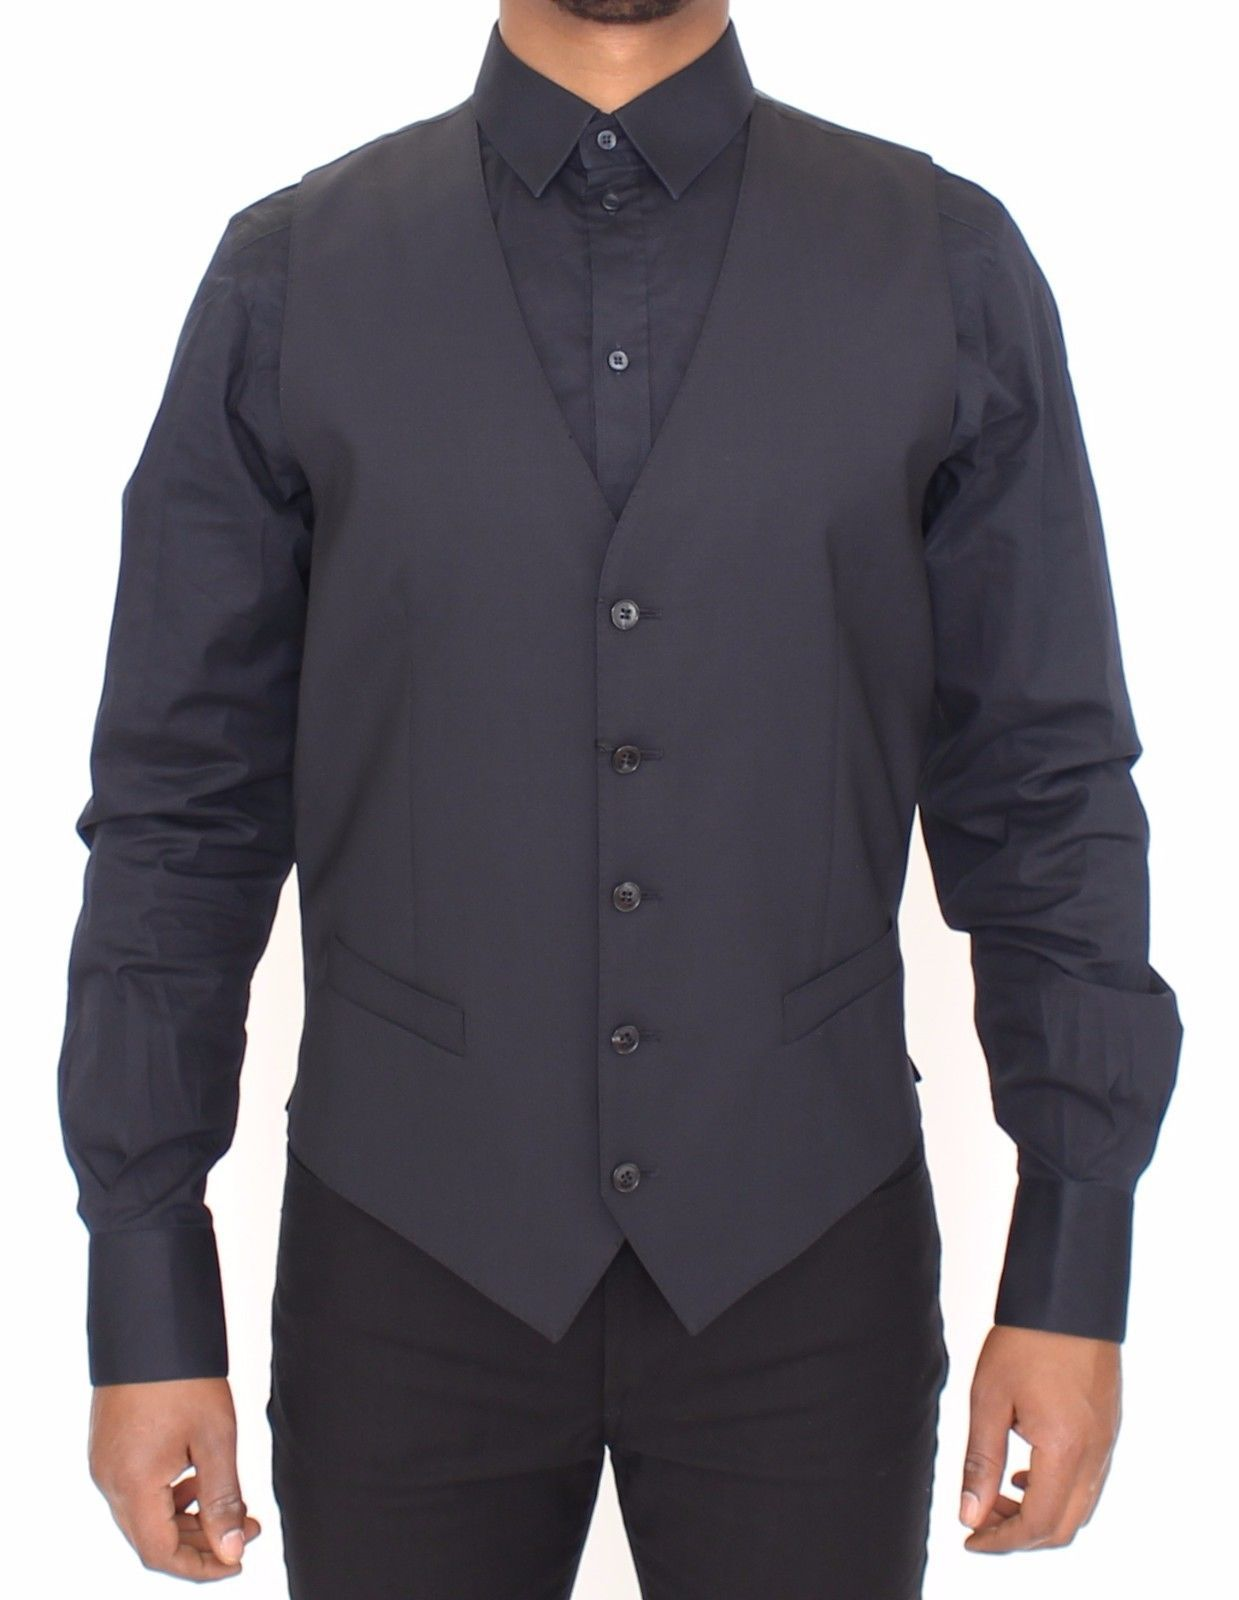 Dolce & Gabbana Blue Wool Stretch Dress Vest Blazer